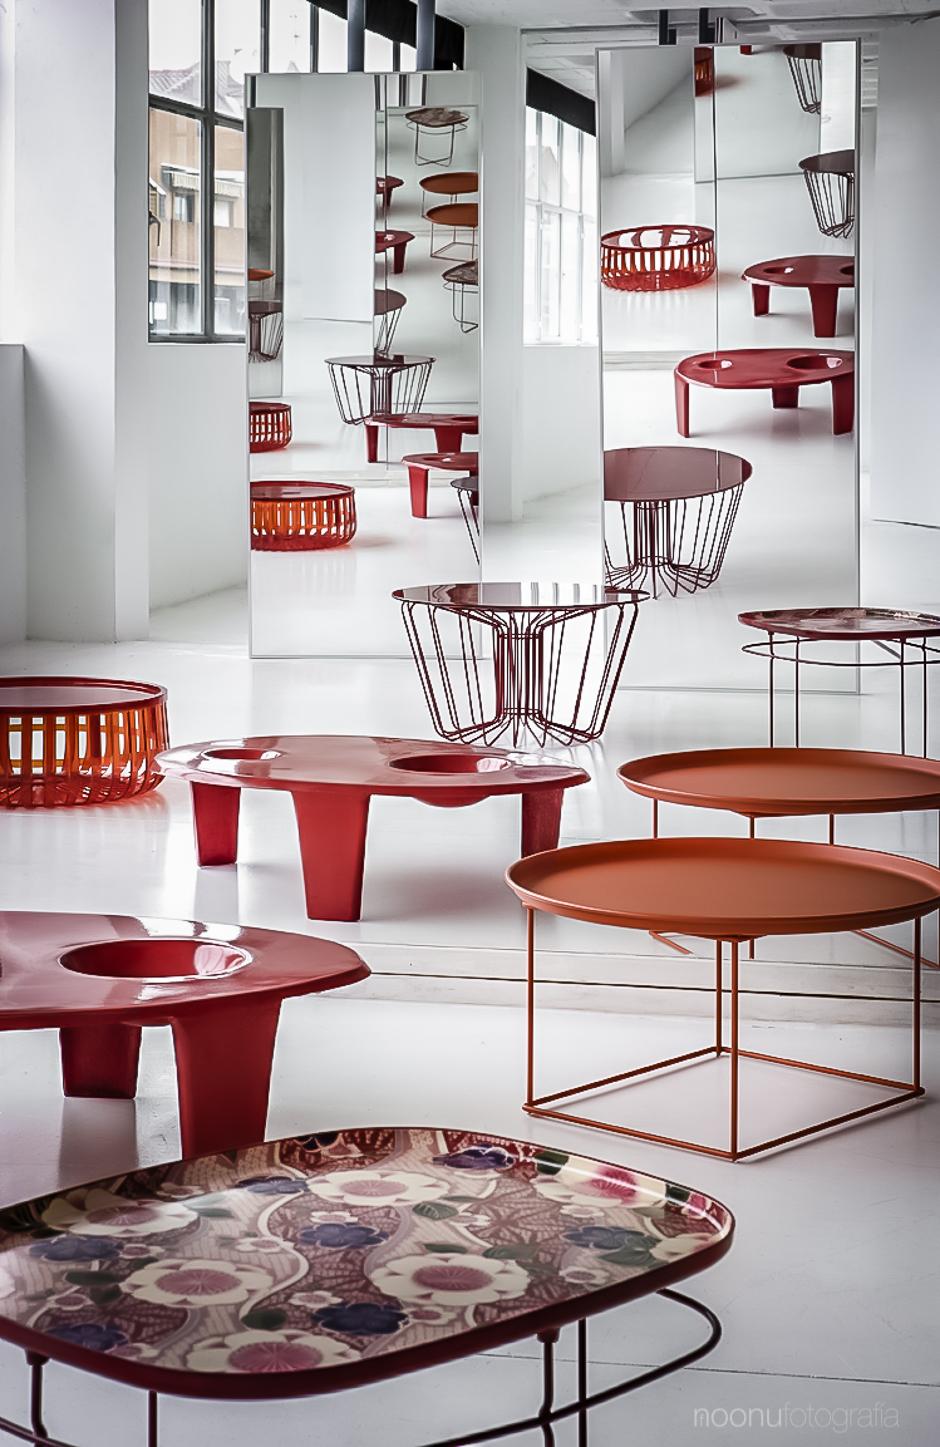 Noonu-fotografo-de-espacios-interiores-madrid-sillas 3